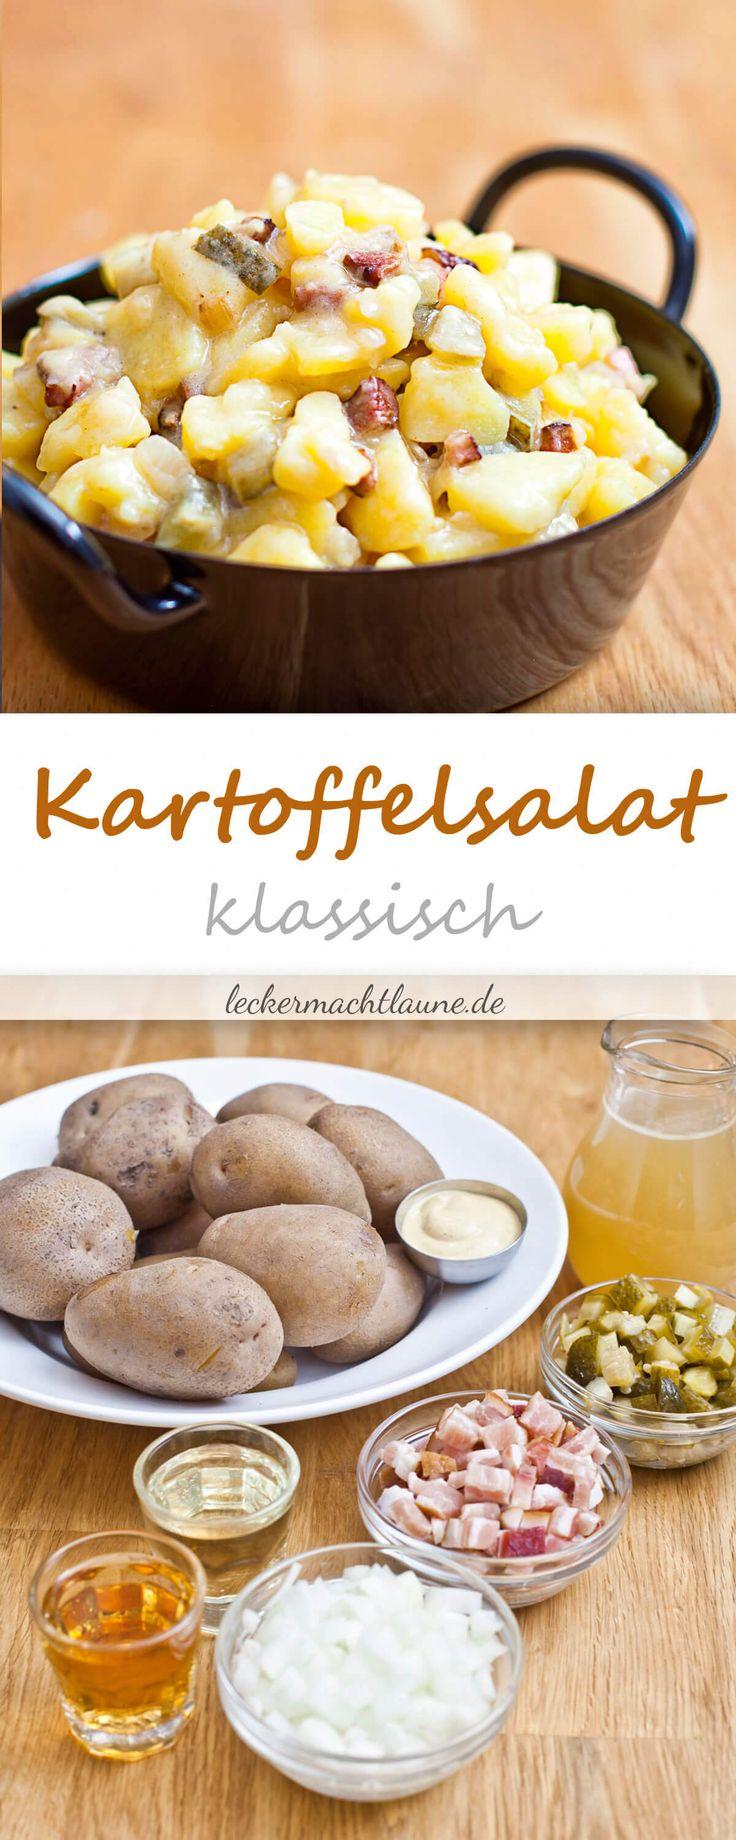 Kartoffelsalat ohne Mayo {grundrezept}